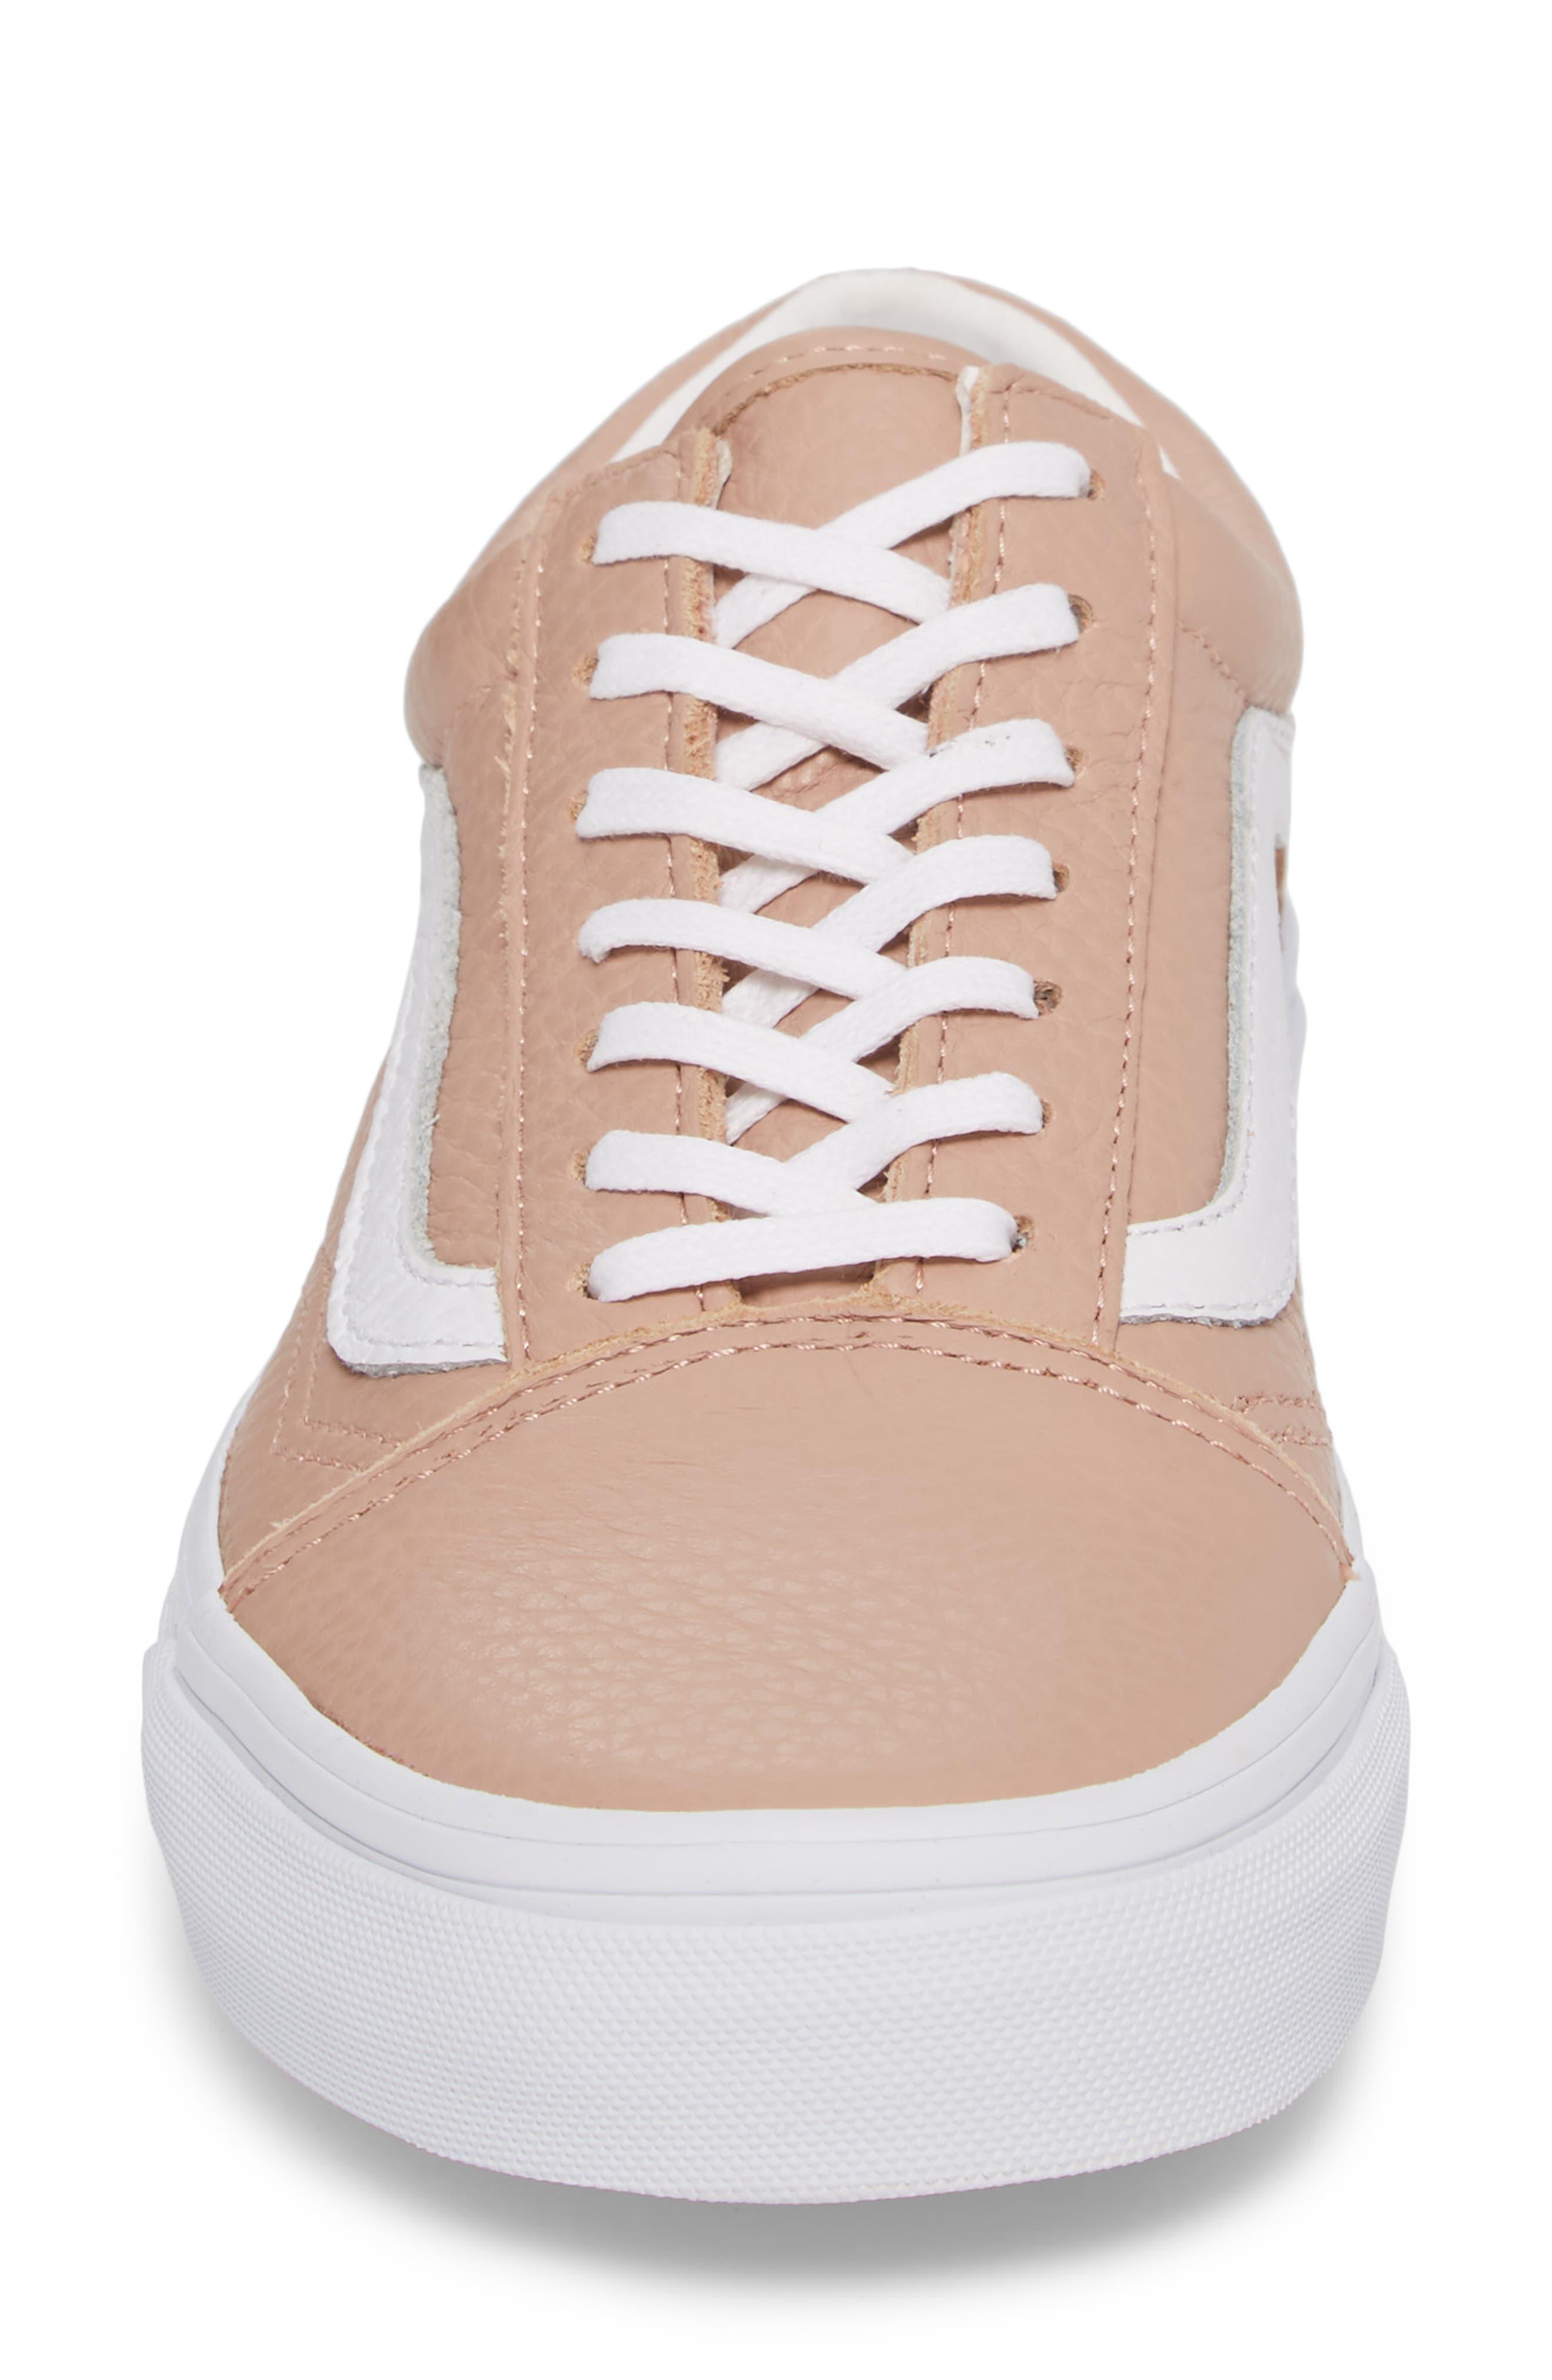 Old Skool DX Sneaker,                             Alternate thumbnail 4, color,                             Mahogany Rose/ True White